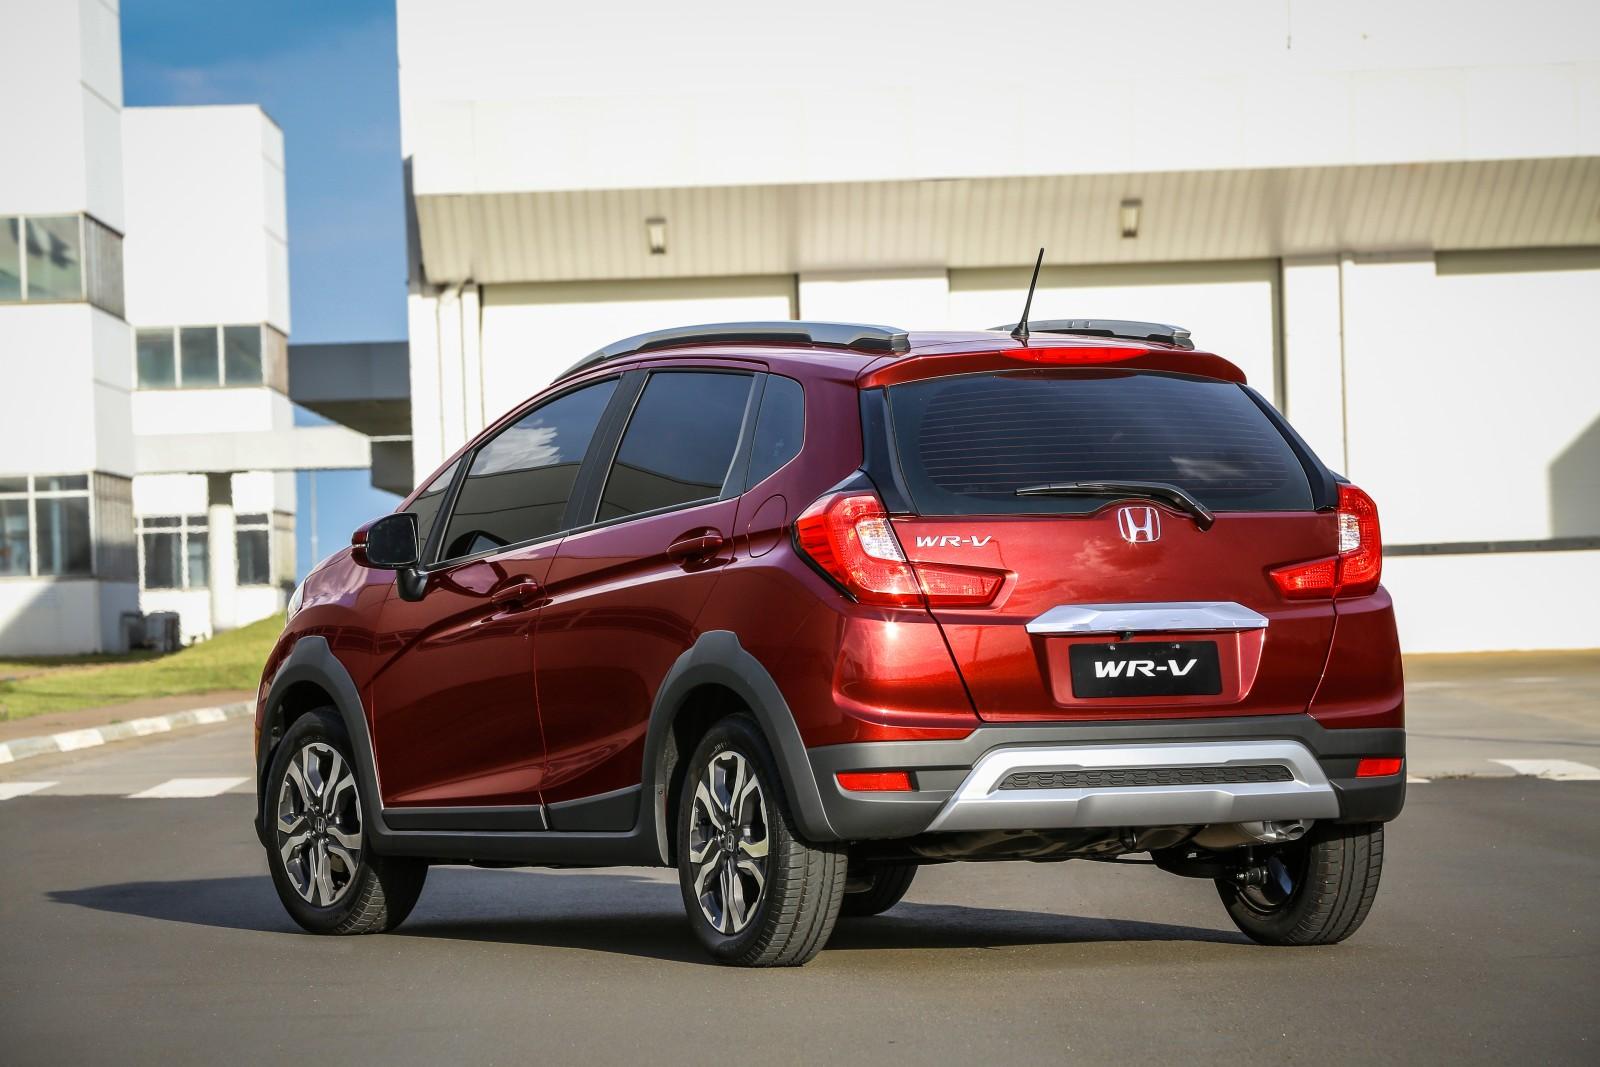 Lançamento: Honda WR-V foi pensado para o público brasileiro - Automania